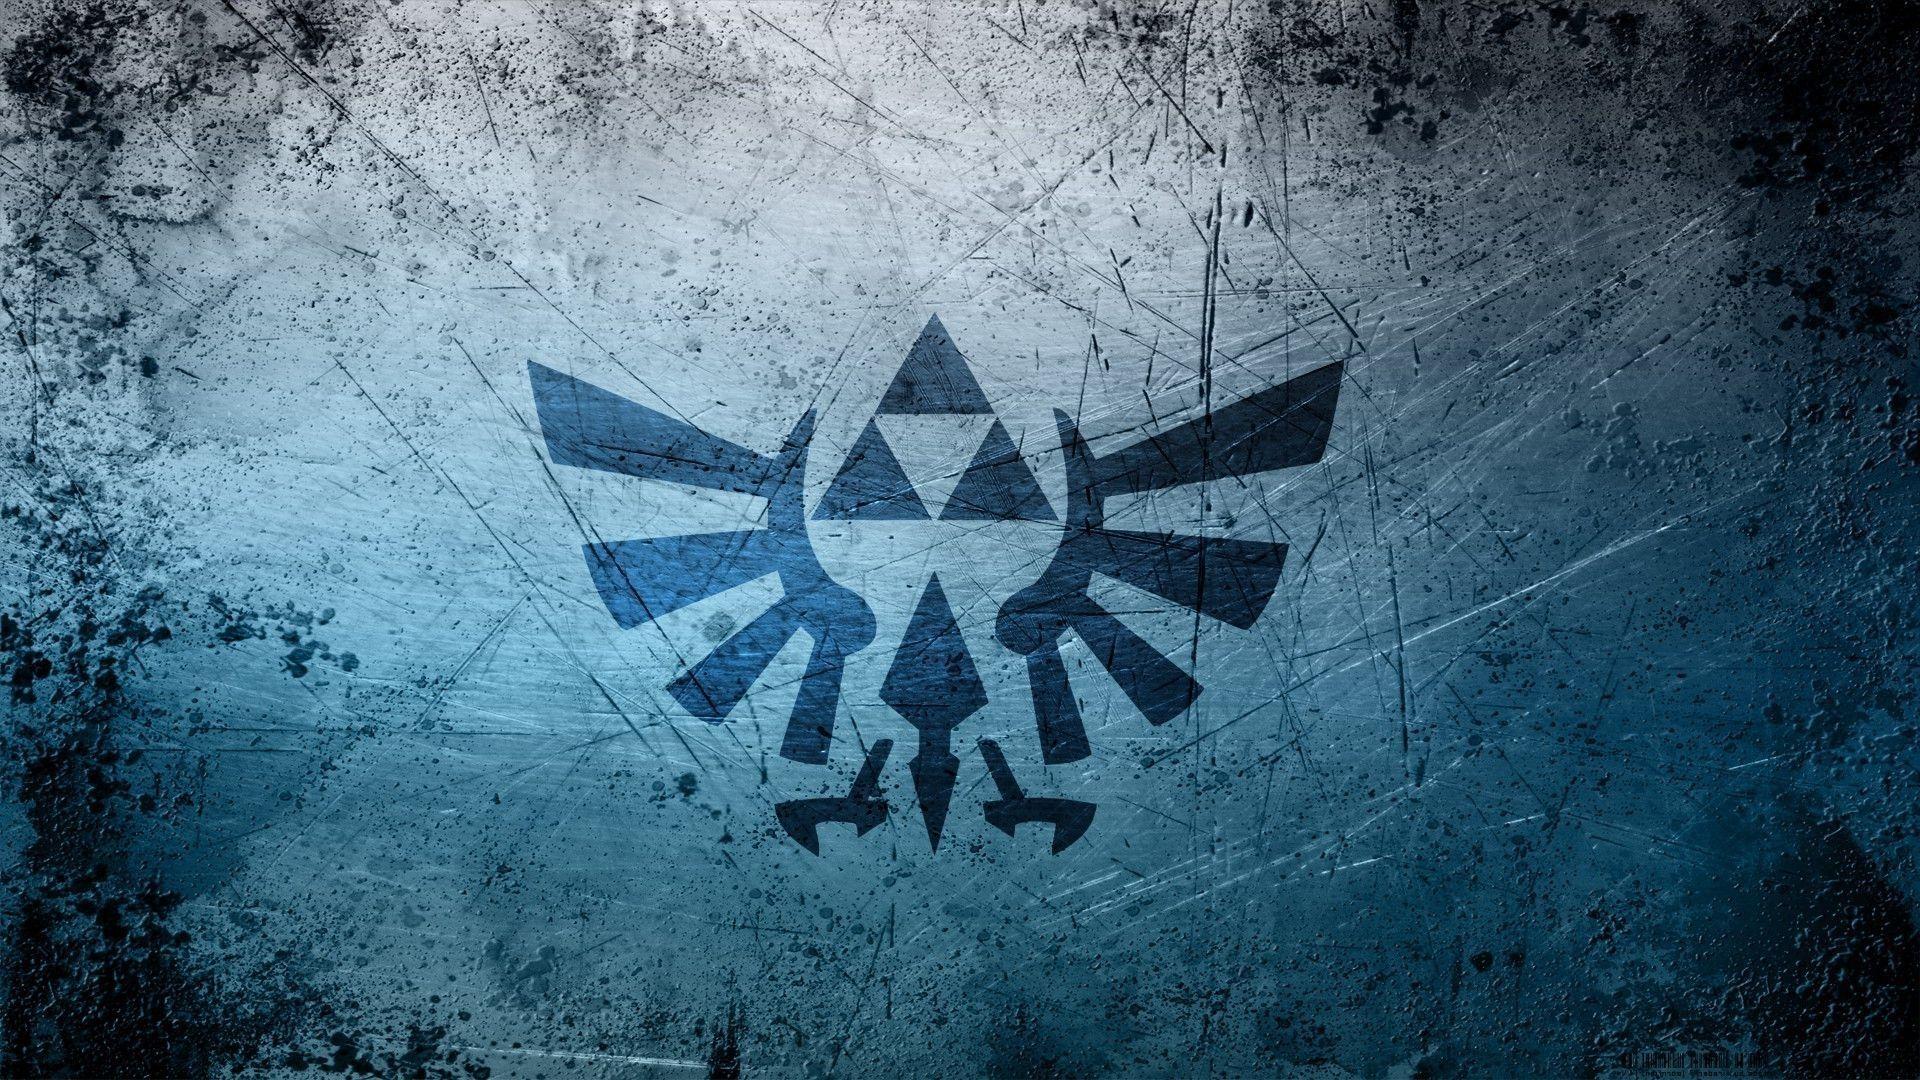 10 Top Legend Of Zelda Wallpapers Hd Full Hd 1920 1080 For Pc Background In 2020 Zelda Hd Gaming Wallpapers Legend Of Zelda